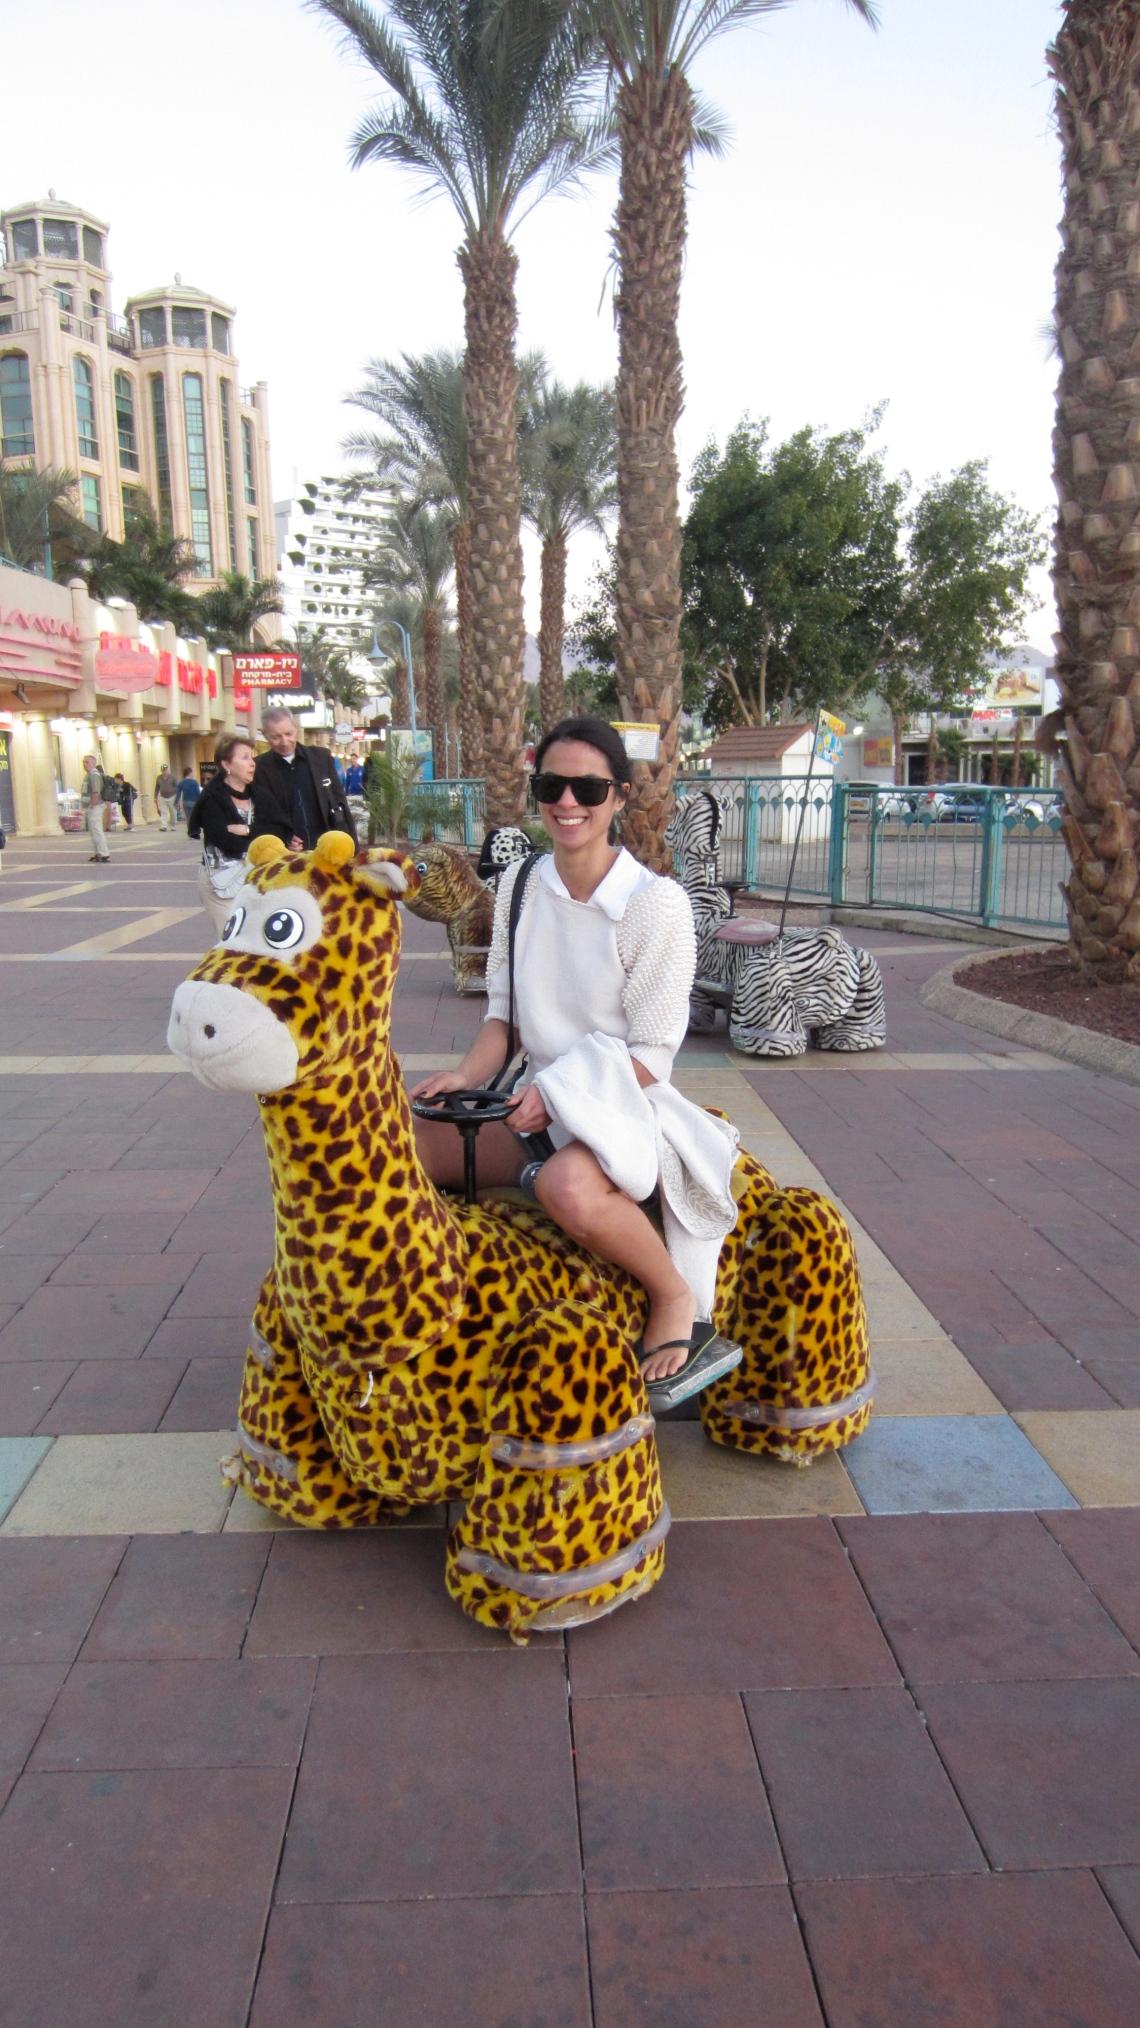 Sitting on a toy giraffe in Eilat, Israel